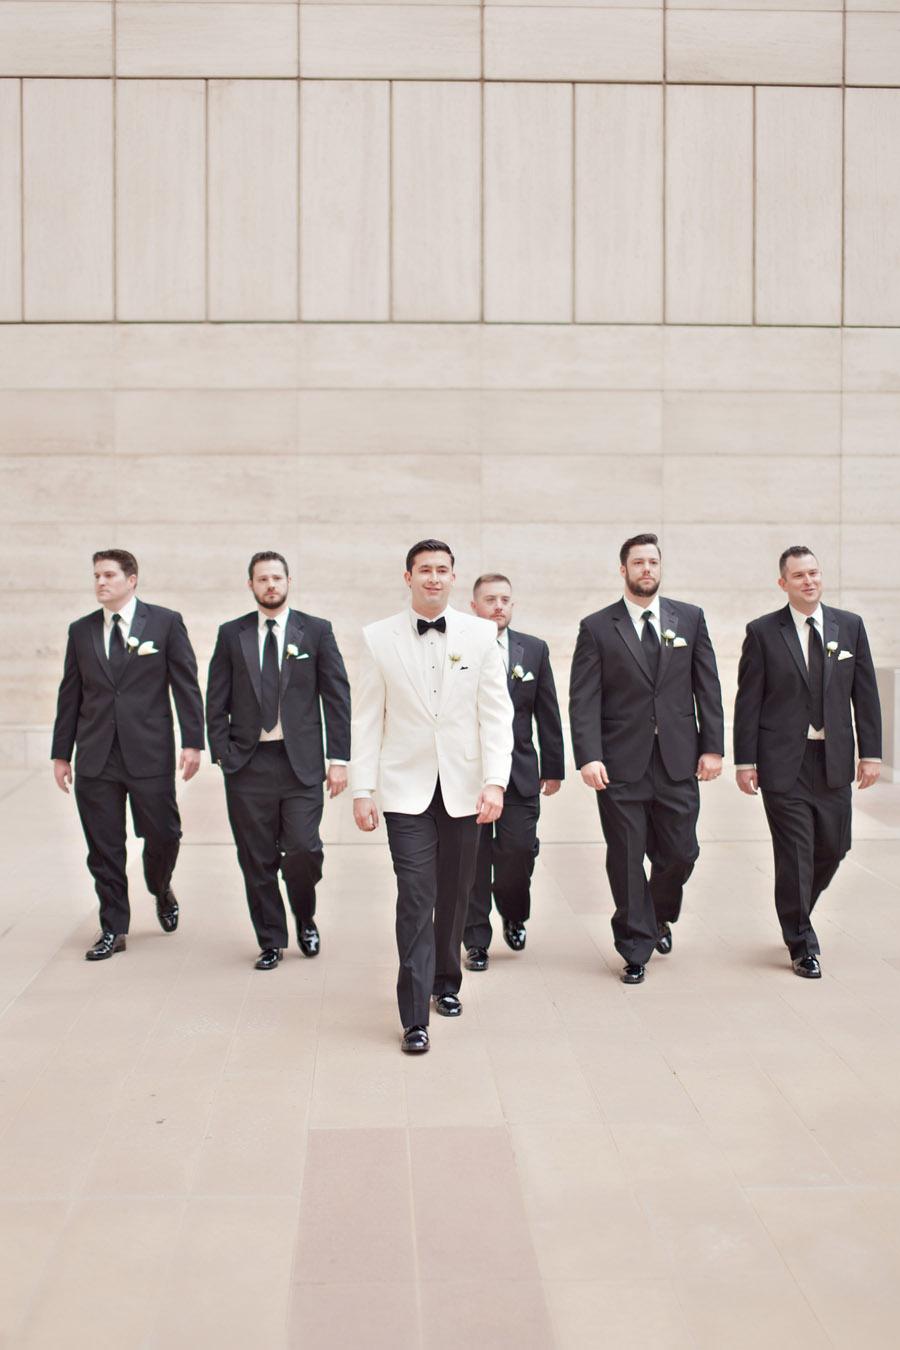 029-Thanksgiving-Tower-Club-Dallas-Wedding-by-Ivy-Weddings-swank-Soiree-Dallas-wedding- planner.jpg